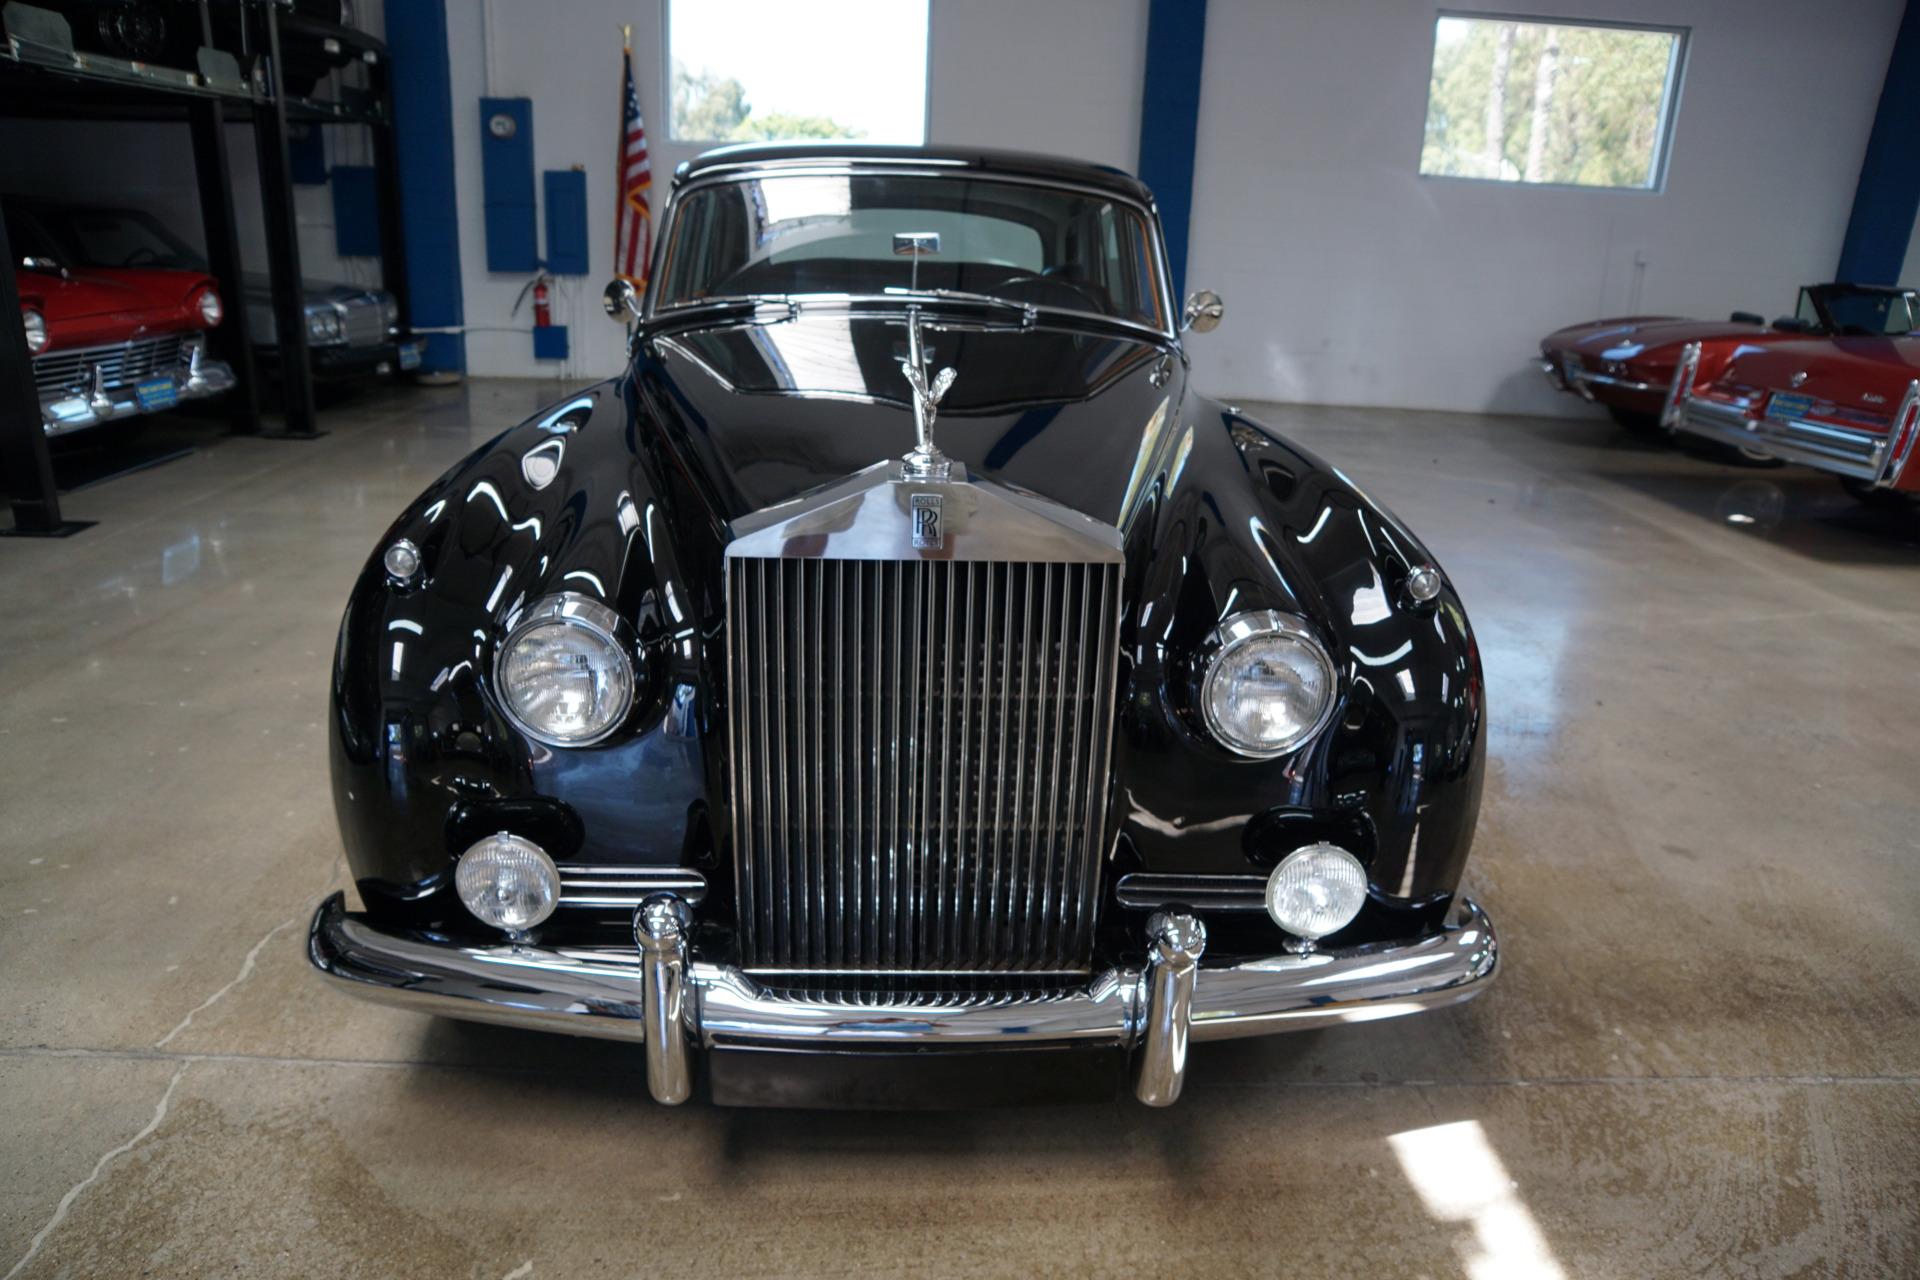 1964 Rolls-Royce Silver Cloud III LHD Stock # 175 for sale ... |Rolls Royce Dealerships California